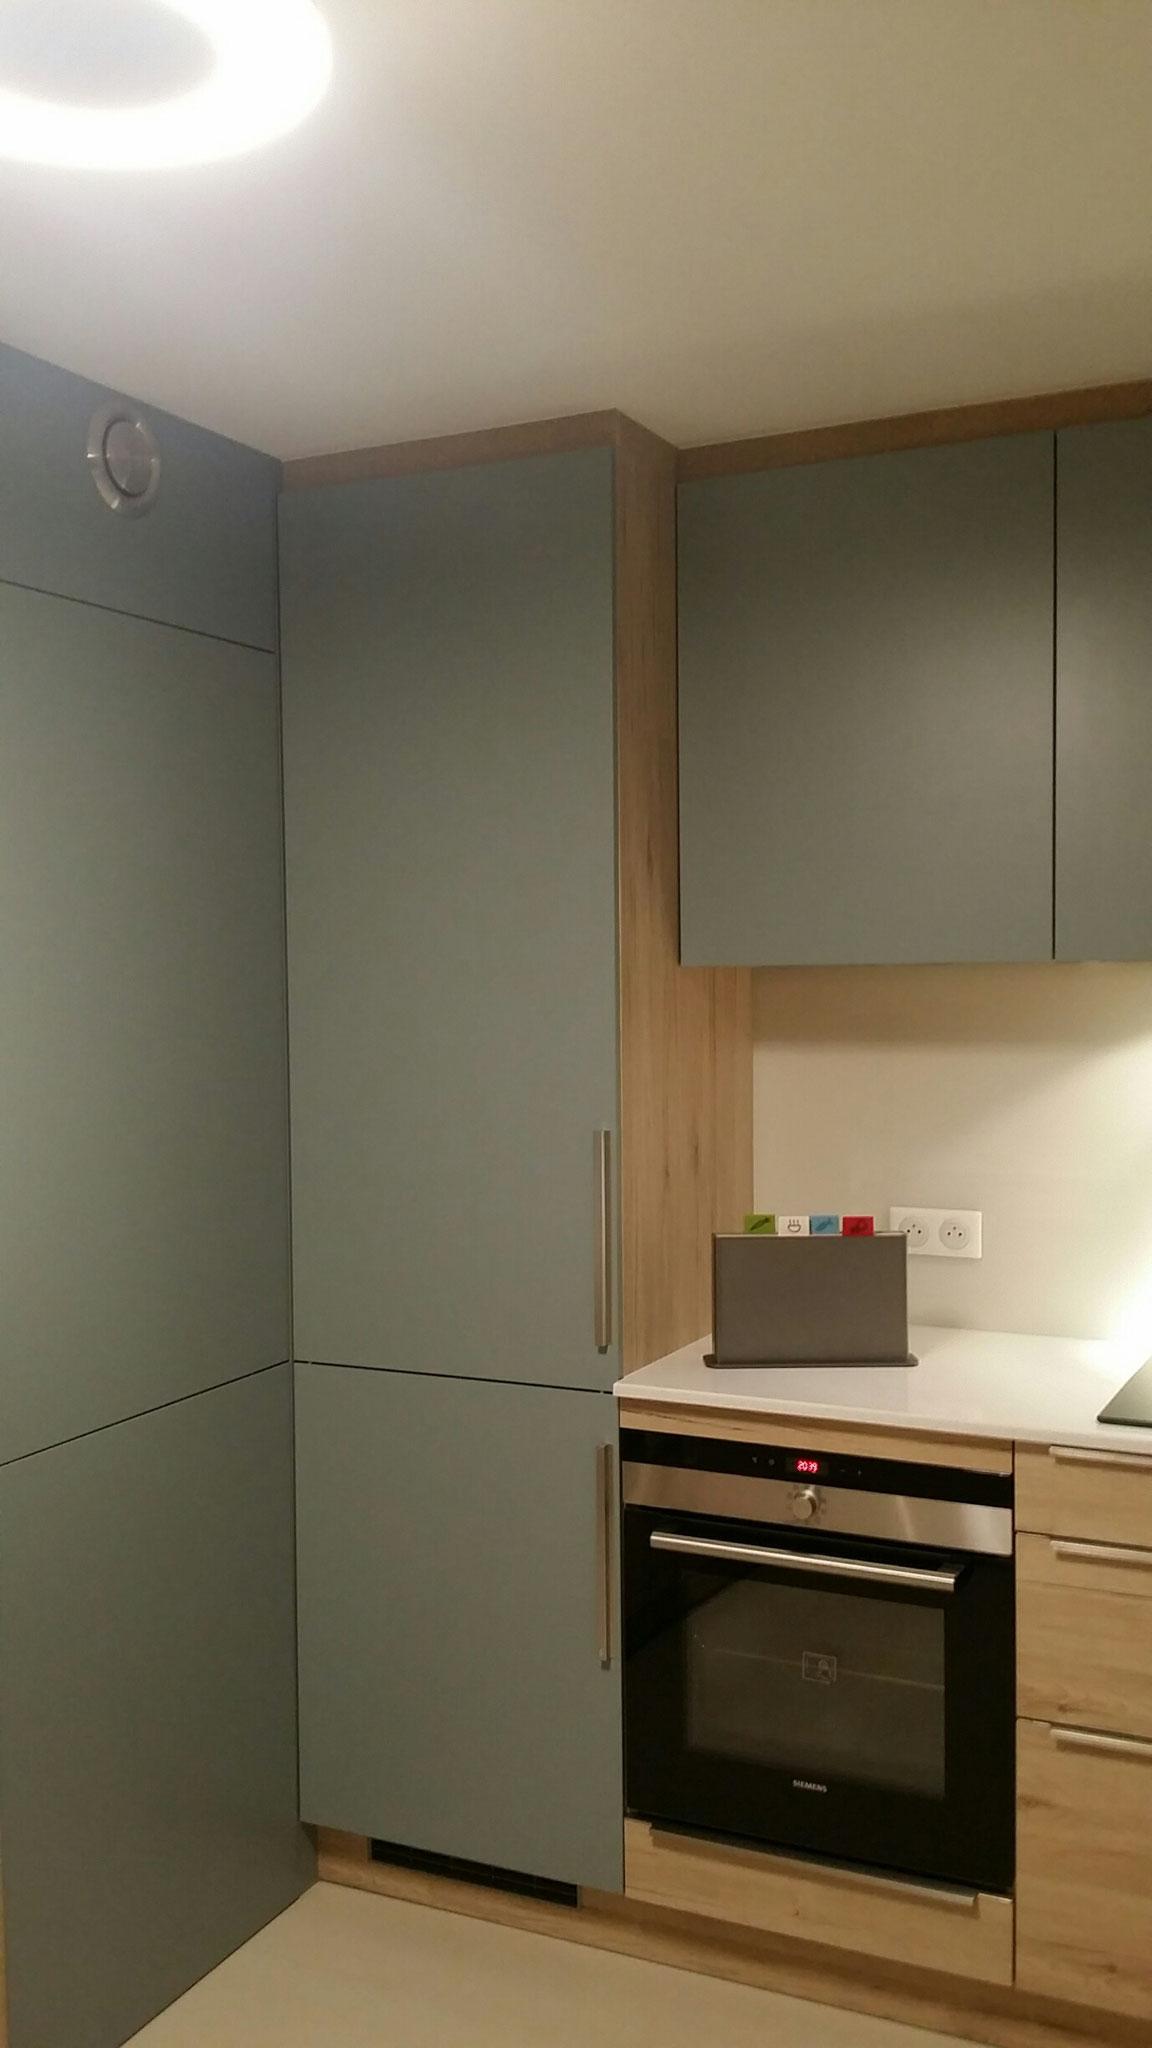 cuisine contemporaine avec porte de communication  sur mesure par cuisine design Toulouse